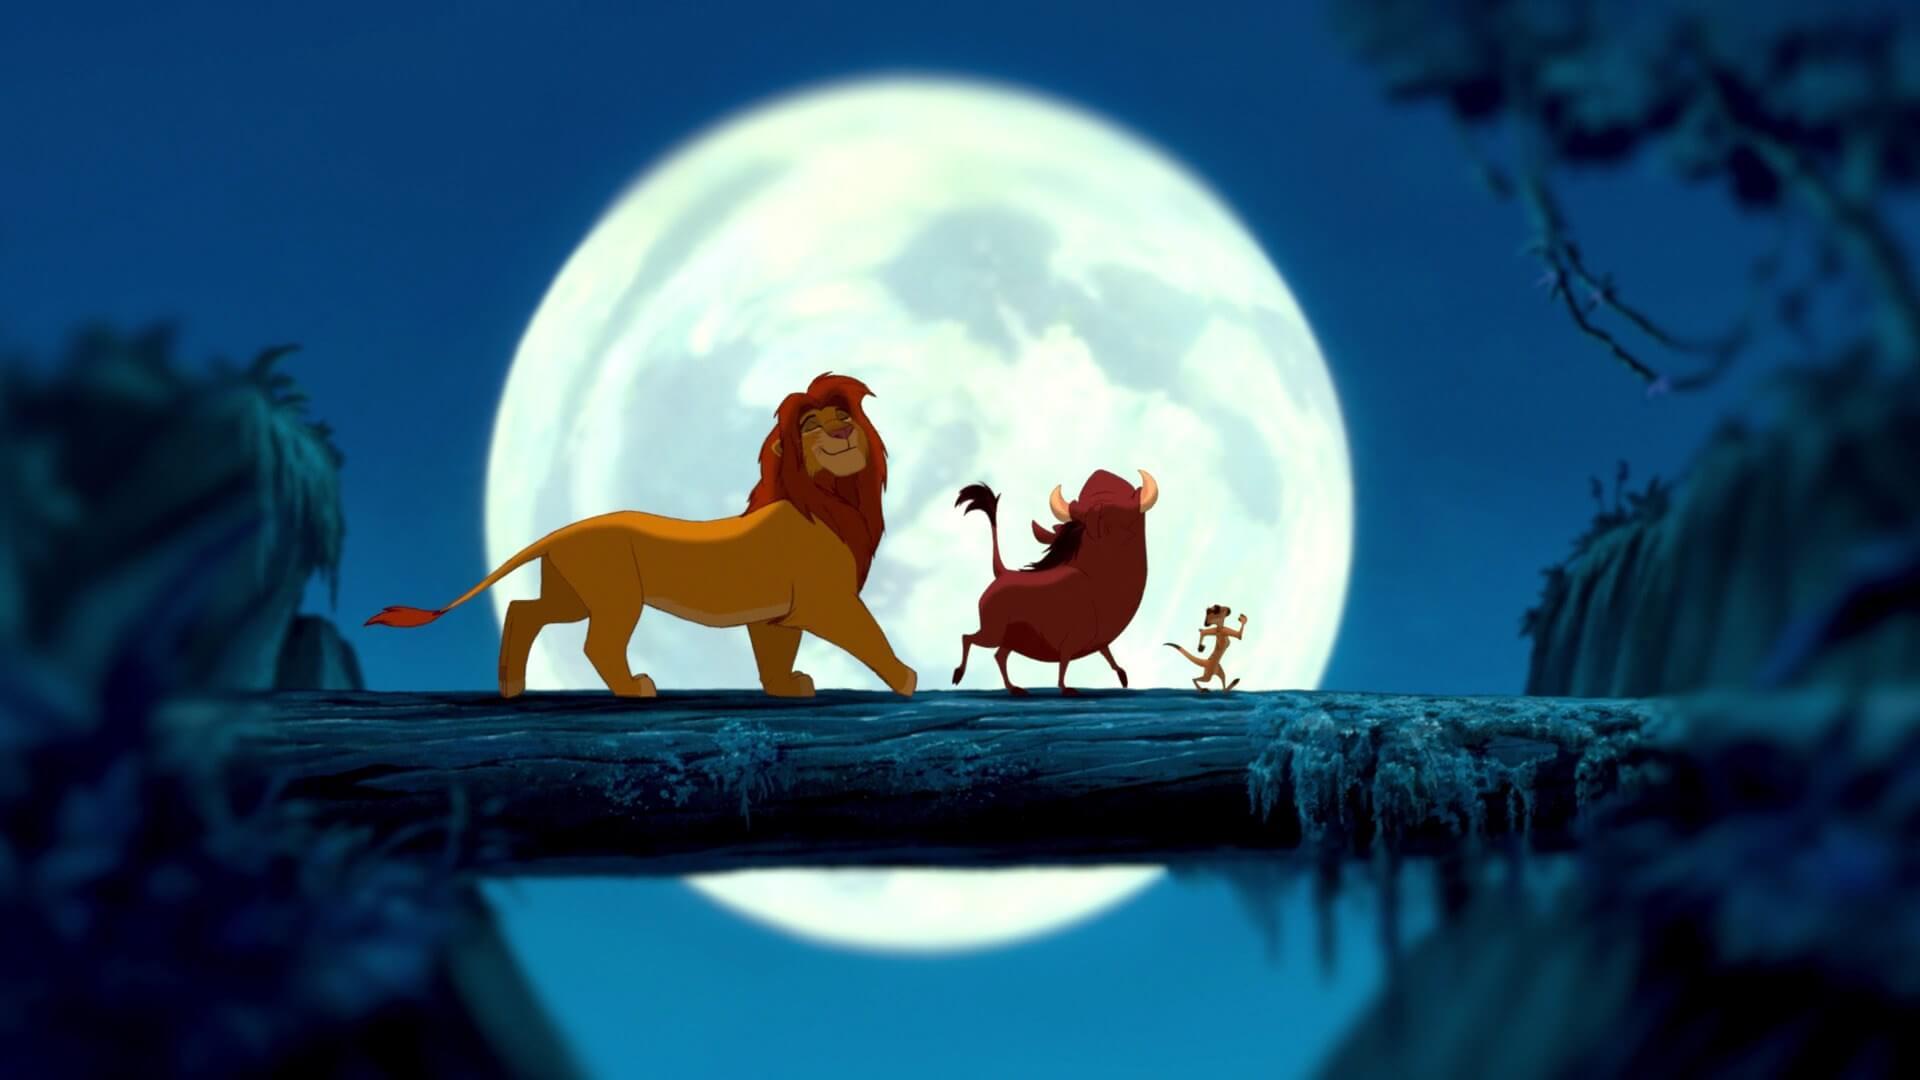 Lejonkungen är den bästa Disneyfilmen.